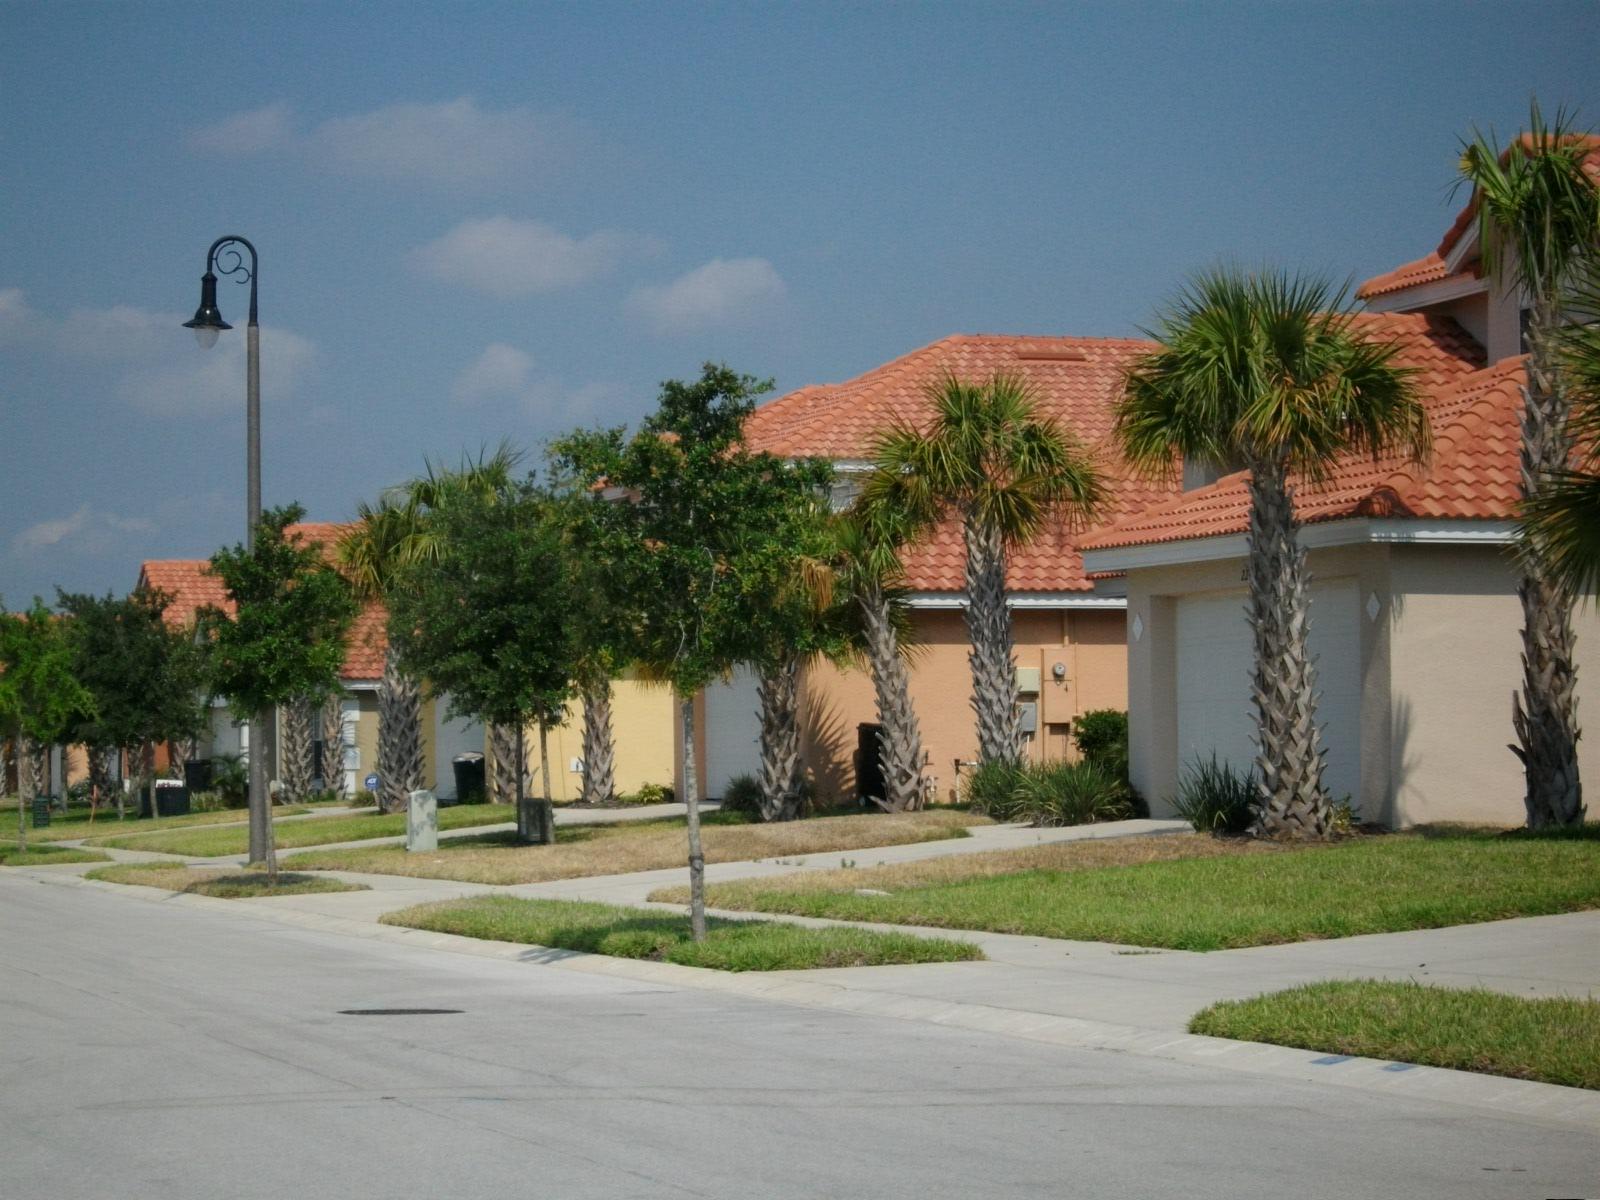 Casas de brasileiros para alugar em Orlando